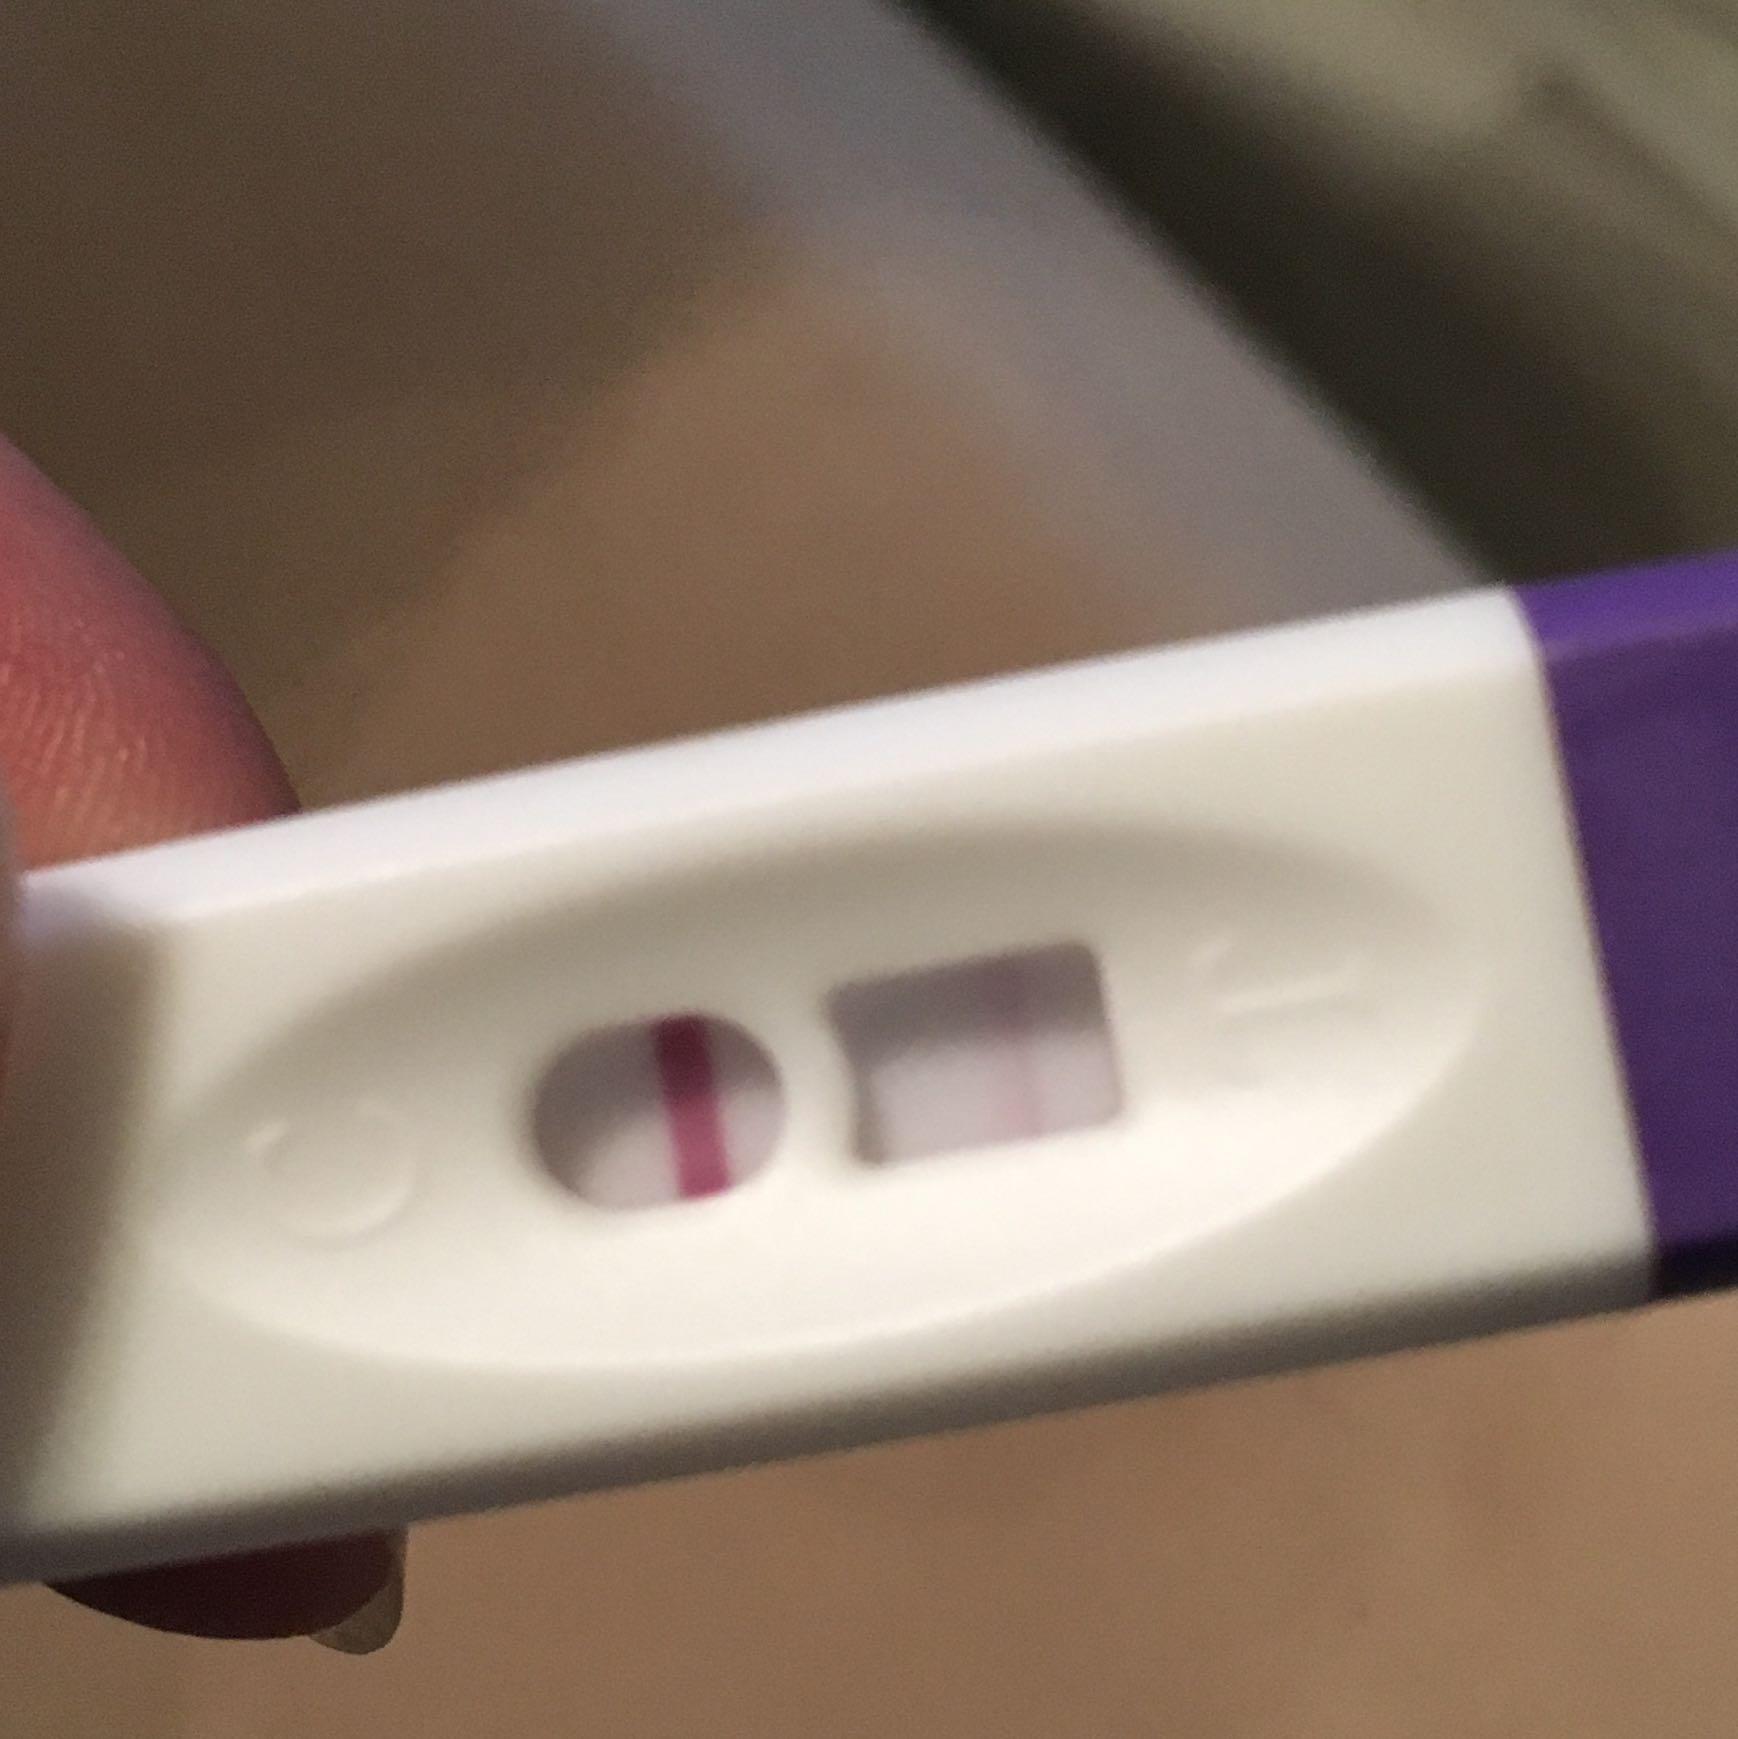 Schwangerschaftstest Online Kostenlos Machen